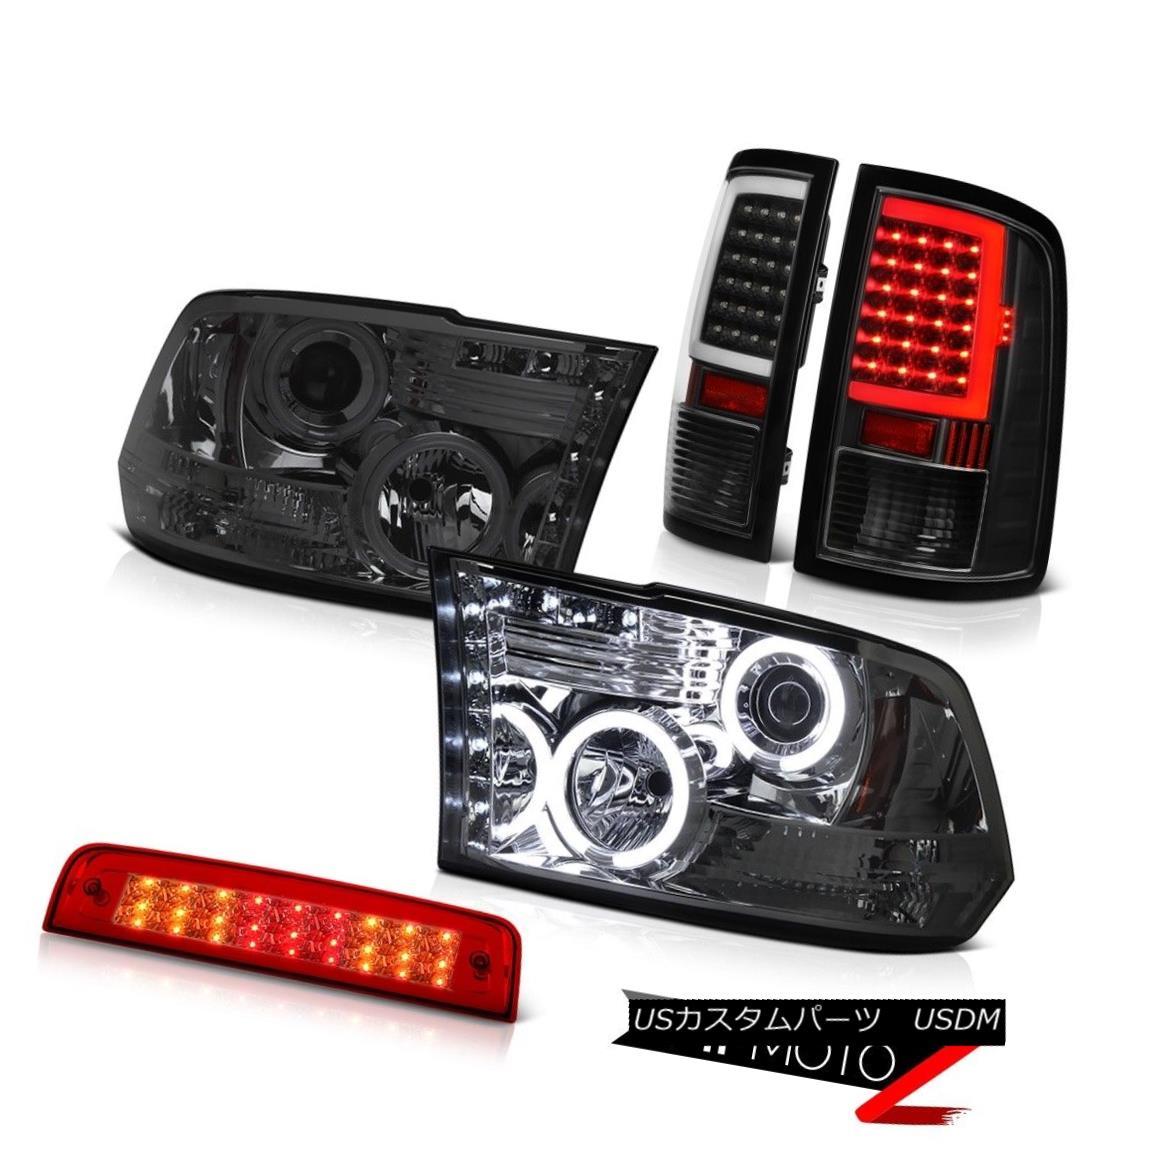 テールライト 2009-2018 Dodge RAM 3500 Inky Black Tail Lamps Red Brake Light CCFL Head Lights 2009-2018 Dodge RAM 3500 Inky Blackテールランプ赤色ブレーキライトCCFLヘッドライト